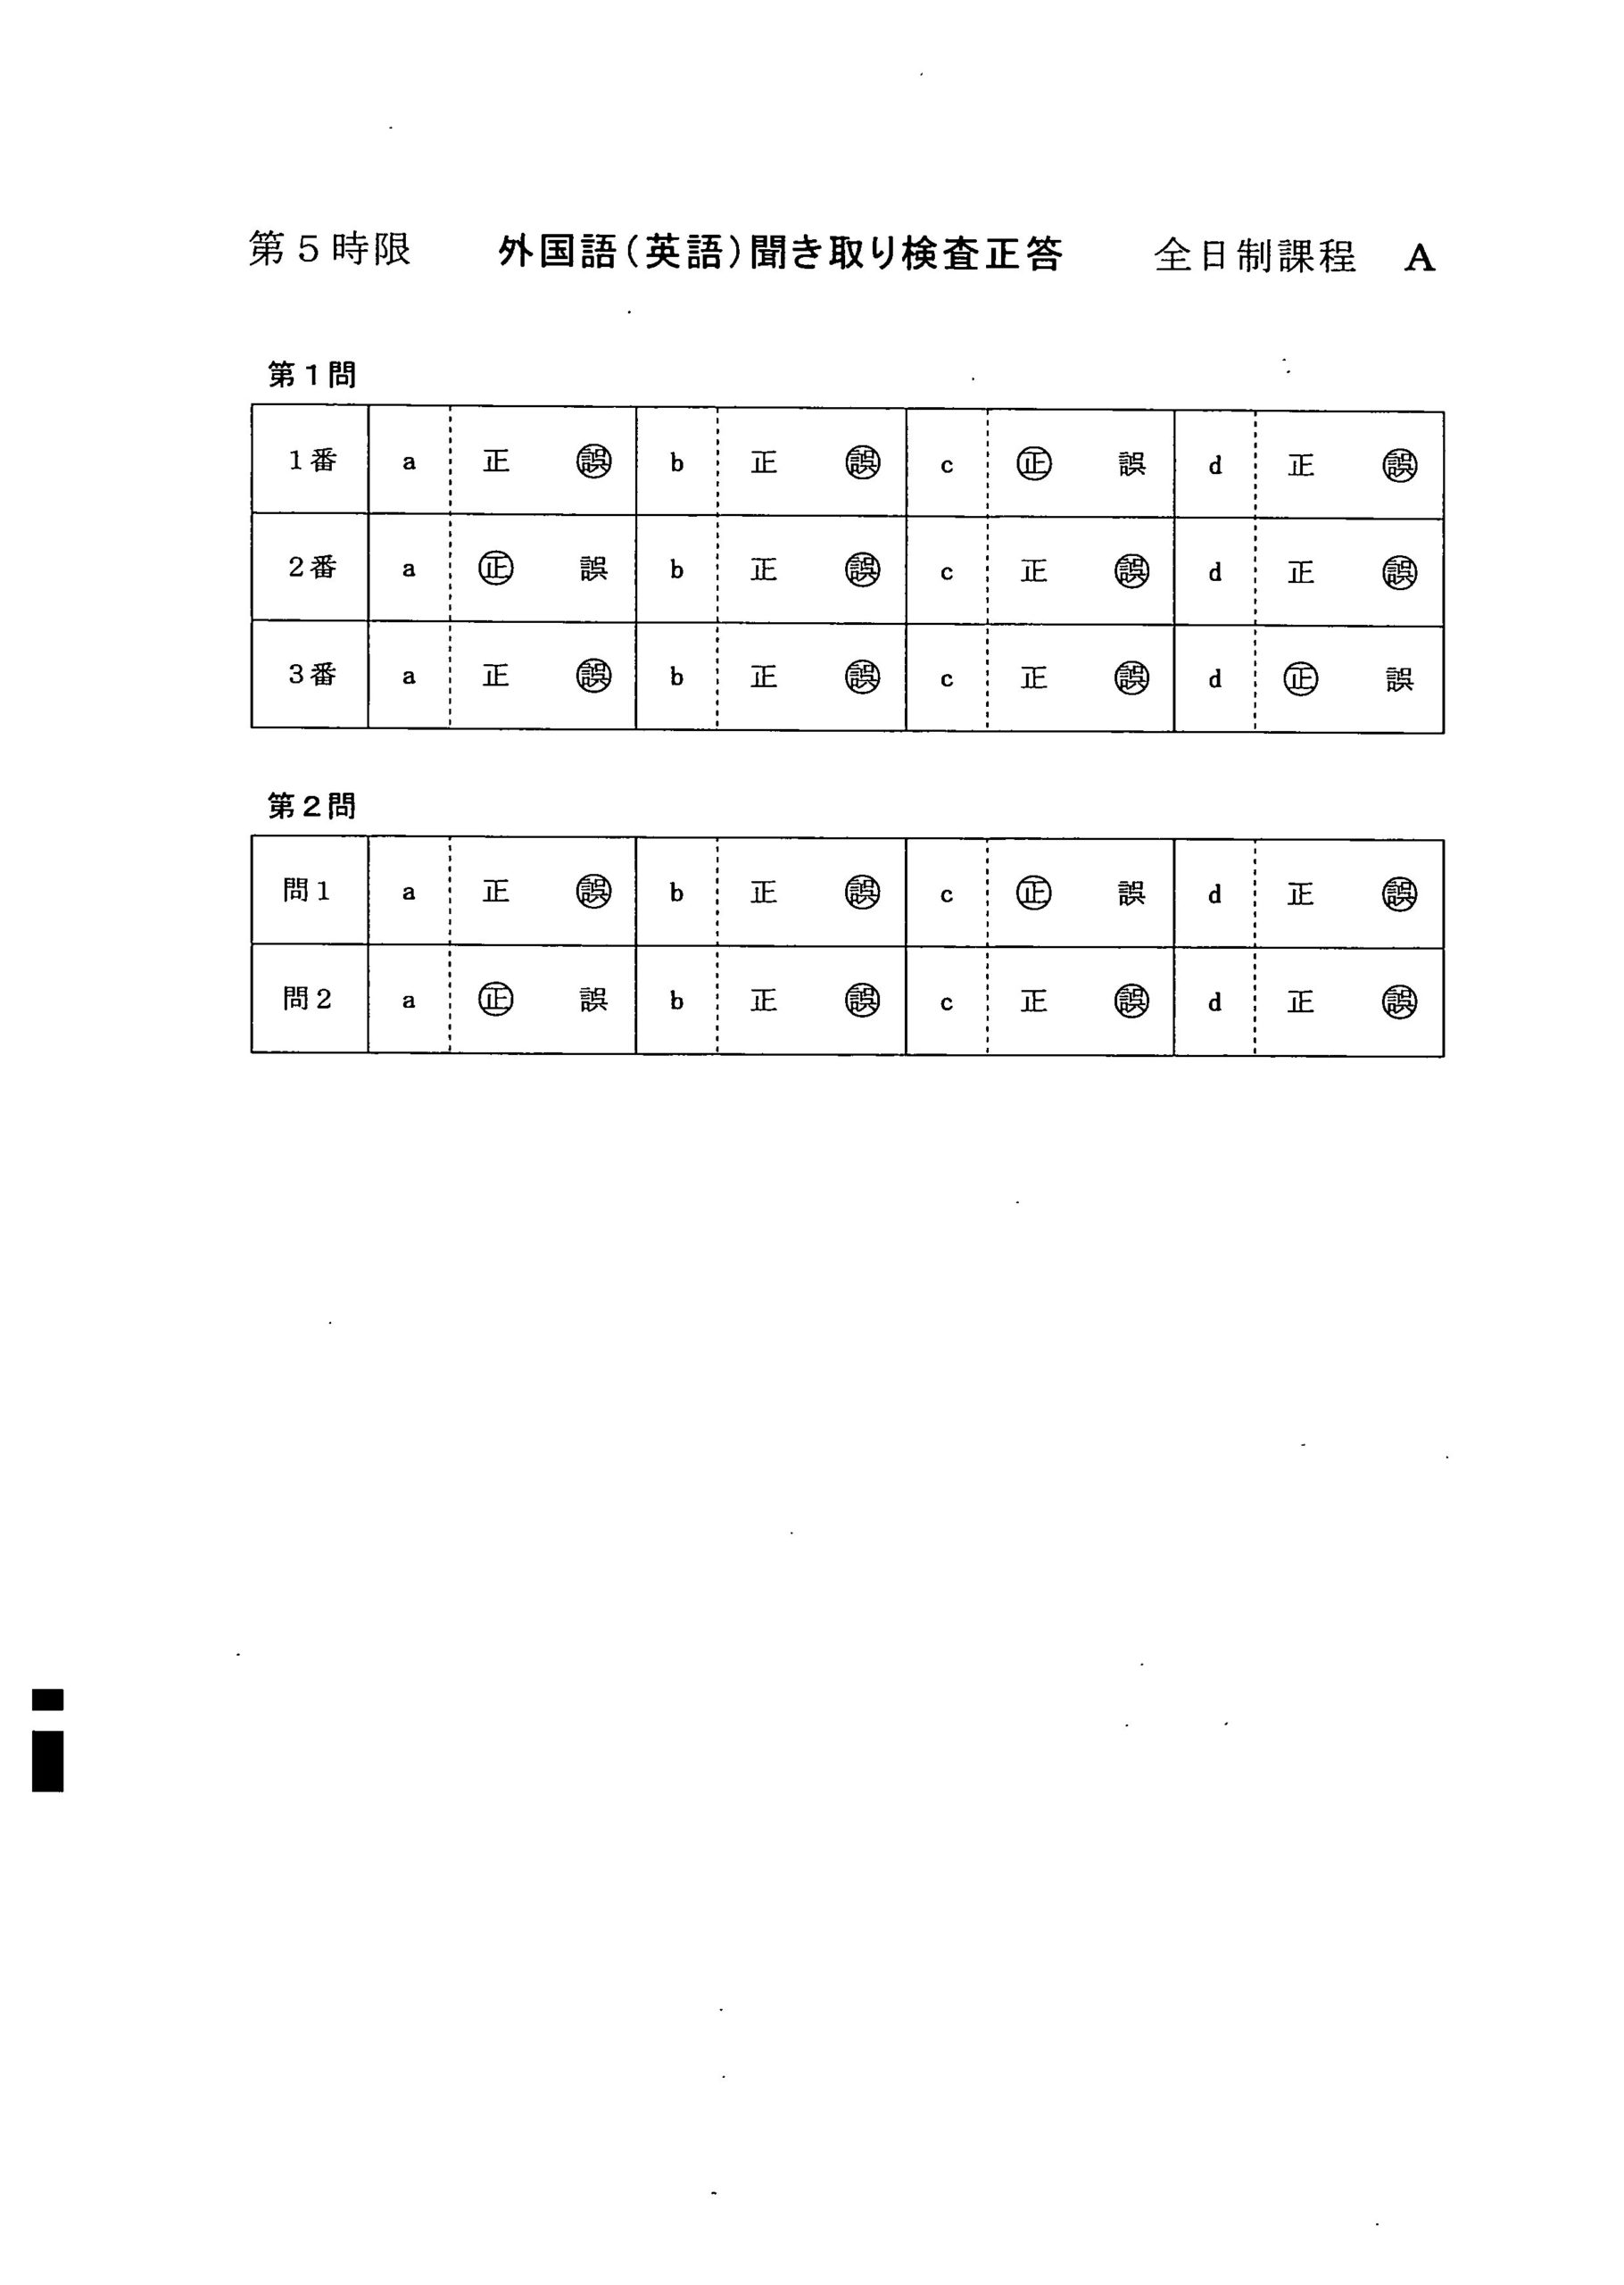 2020愛知県公立高校A英語聞き取り模範解答例